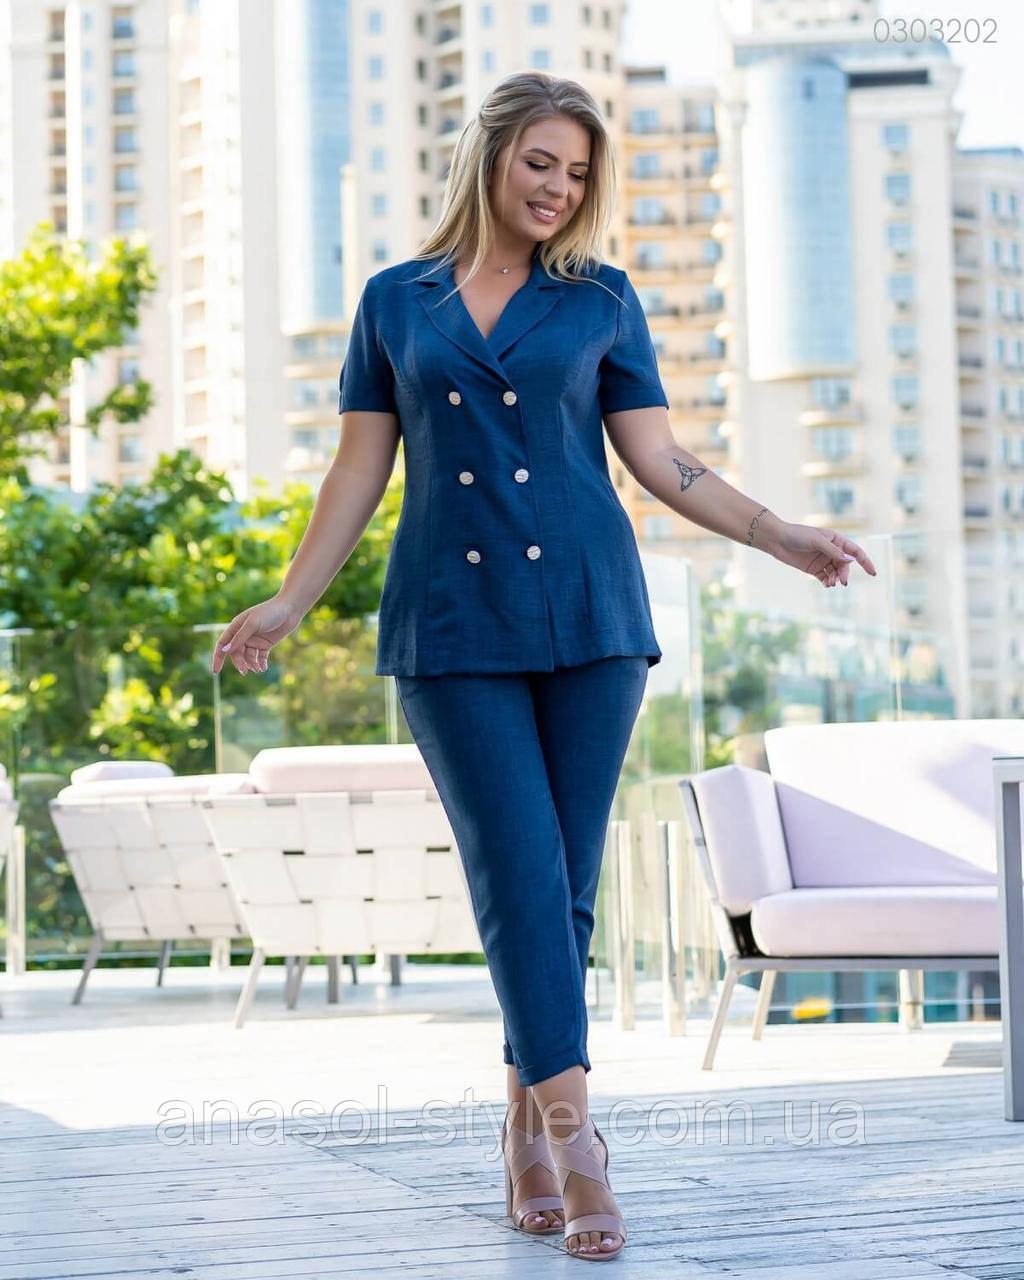 Женский льняной костюм Хилтон большого размера брючный синий